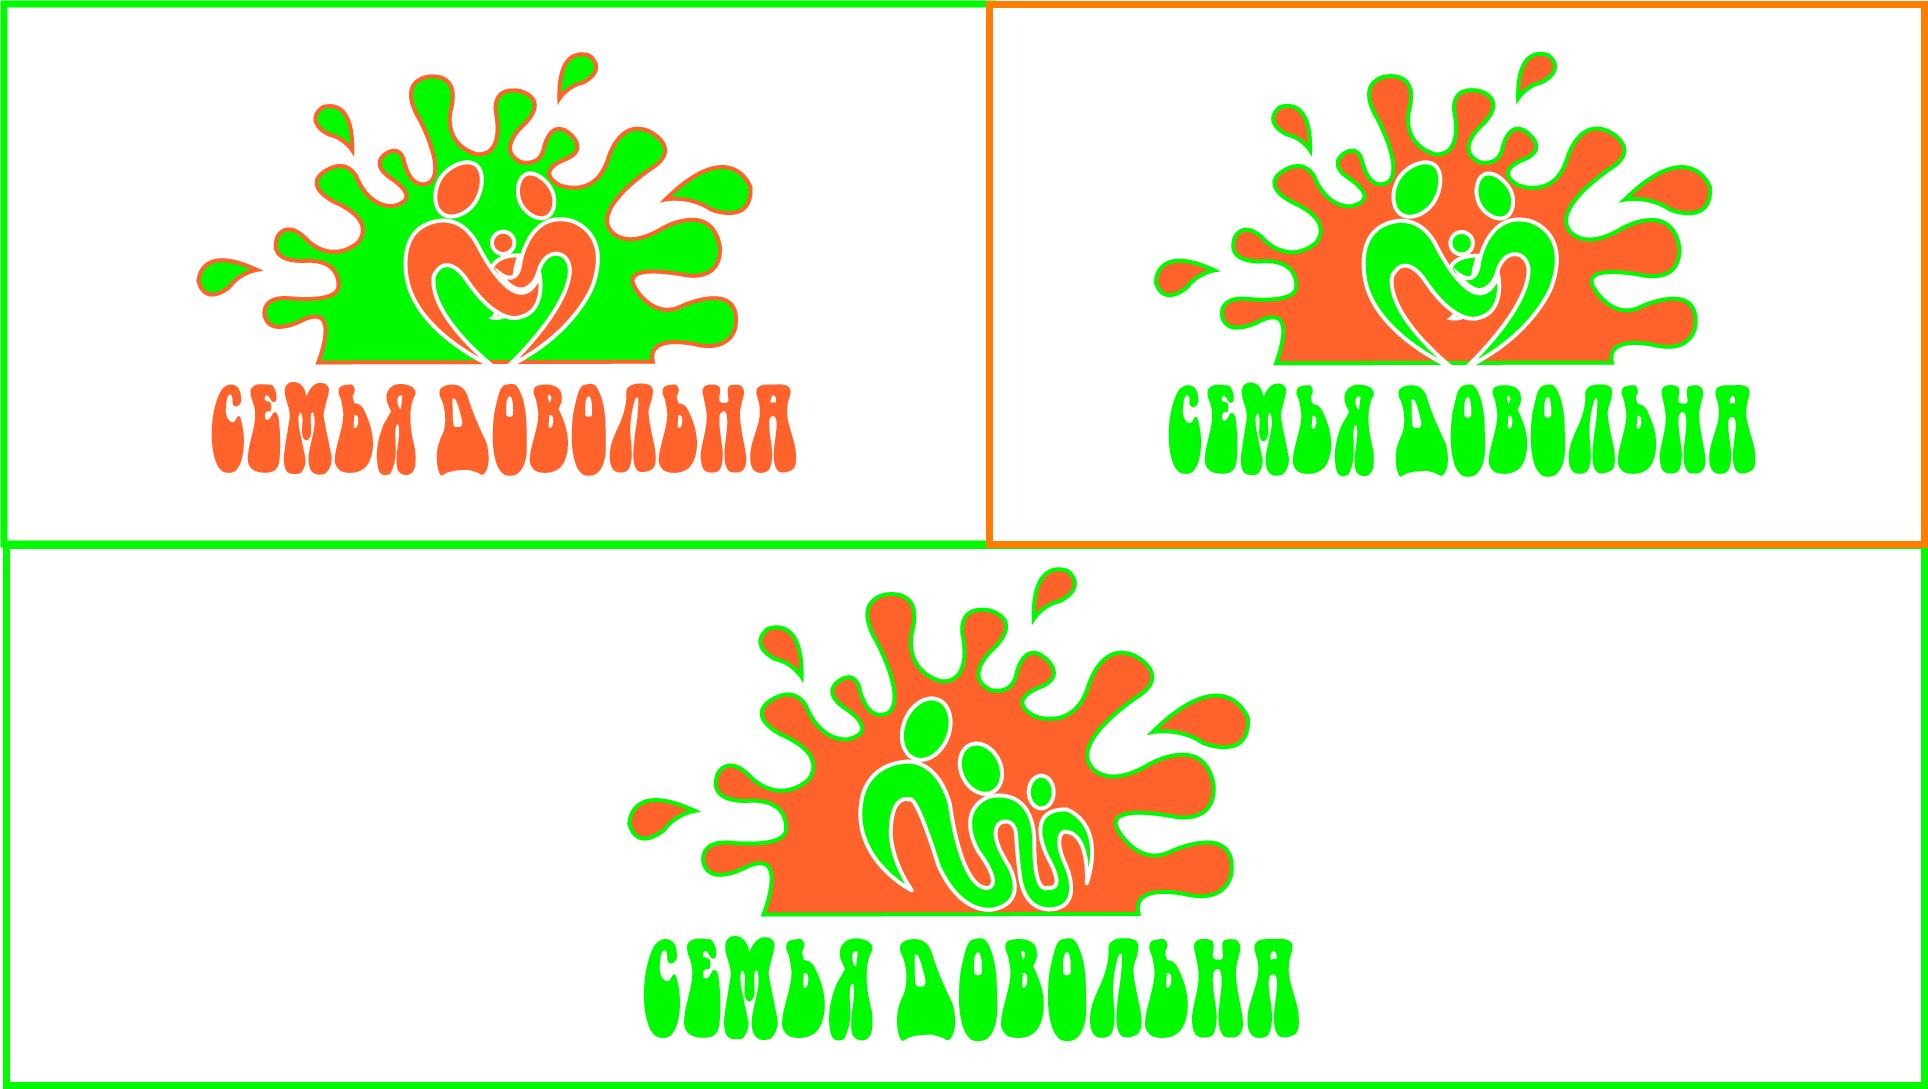 """Разработайте логотип для торговой марки """"Семья довольна"""" фото f_2635b9a2e980408e.jpg"""